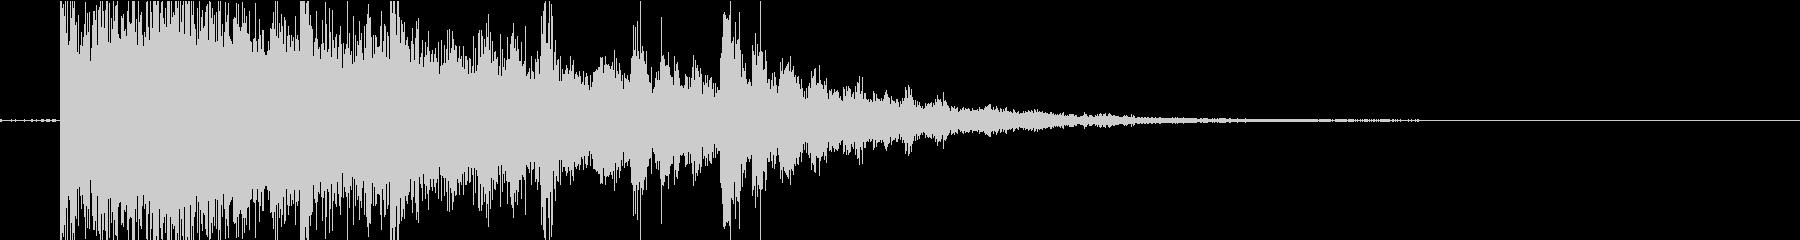 シンセが特徴的な80年代的なサウンドロゴの未再生の波形